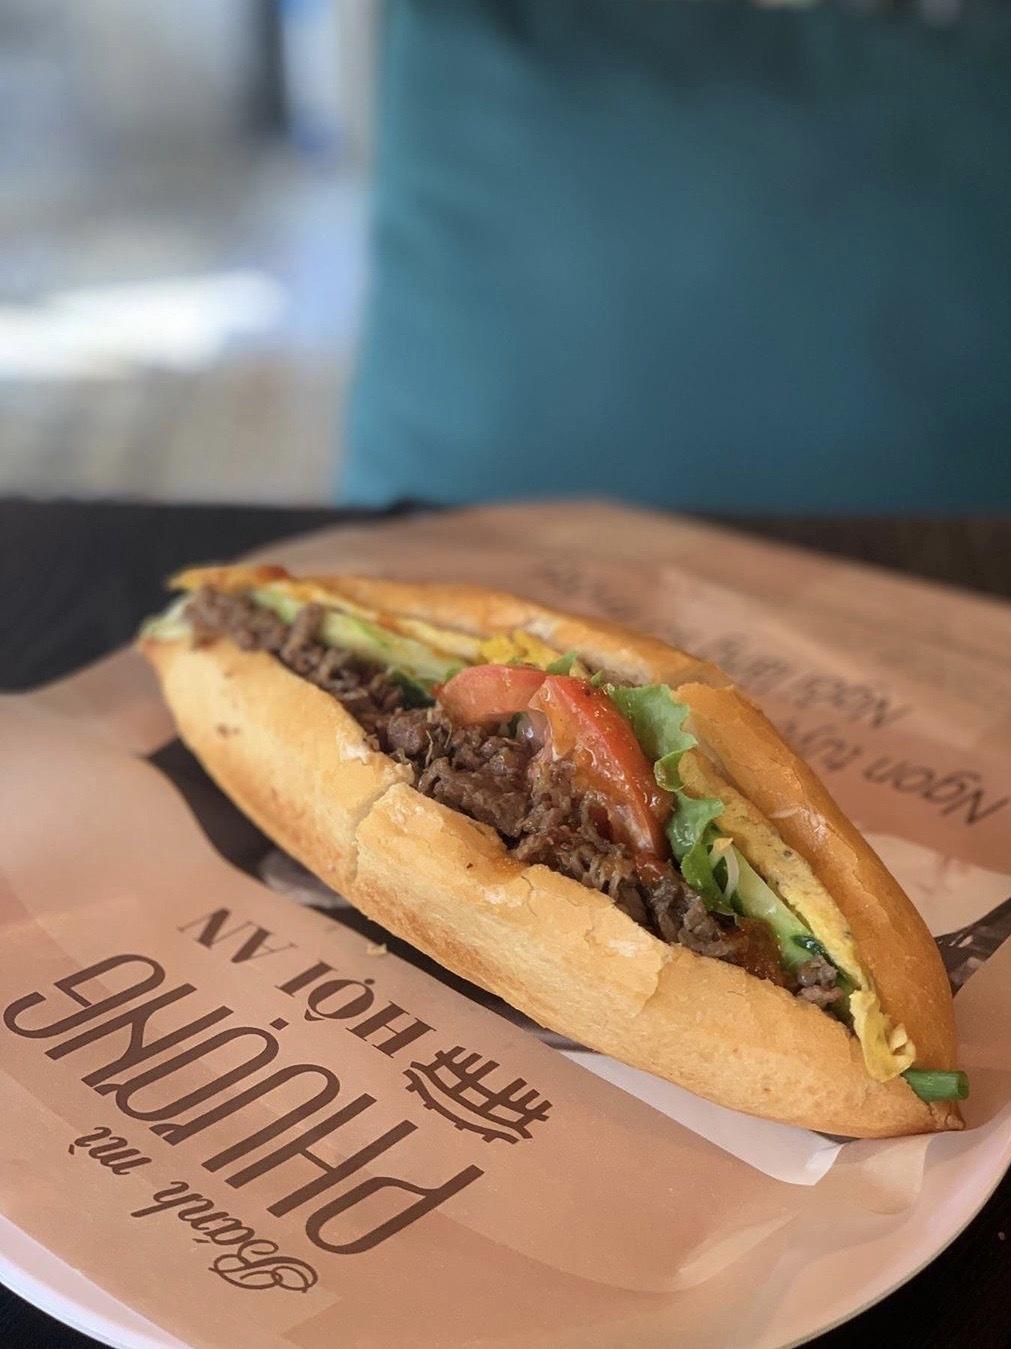 Bánh mì Phượng Hội An từng được cố đầu bếp người Mỹ nổi tiếng, Anthony Bourdain khen ngợi là sandwich ngon nhất thế giới. Bánh mì có đa dạng nhân như thịt nướng, giò chả, pate, gà với bơ, thịt bò cuộn pho mát, thịt xông khói, thập cẩm... Đặc biệt không thể thiếu nước sốt mặn ngọt ngập mềm lõi bánh. Ảnh: Etoffekim.